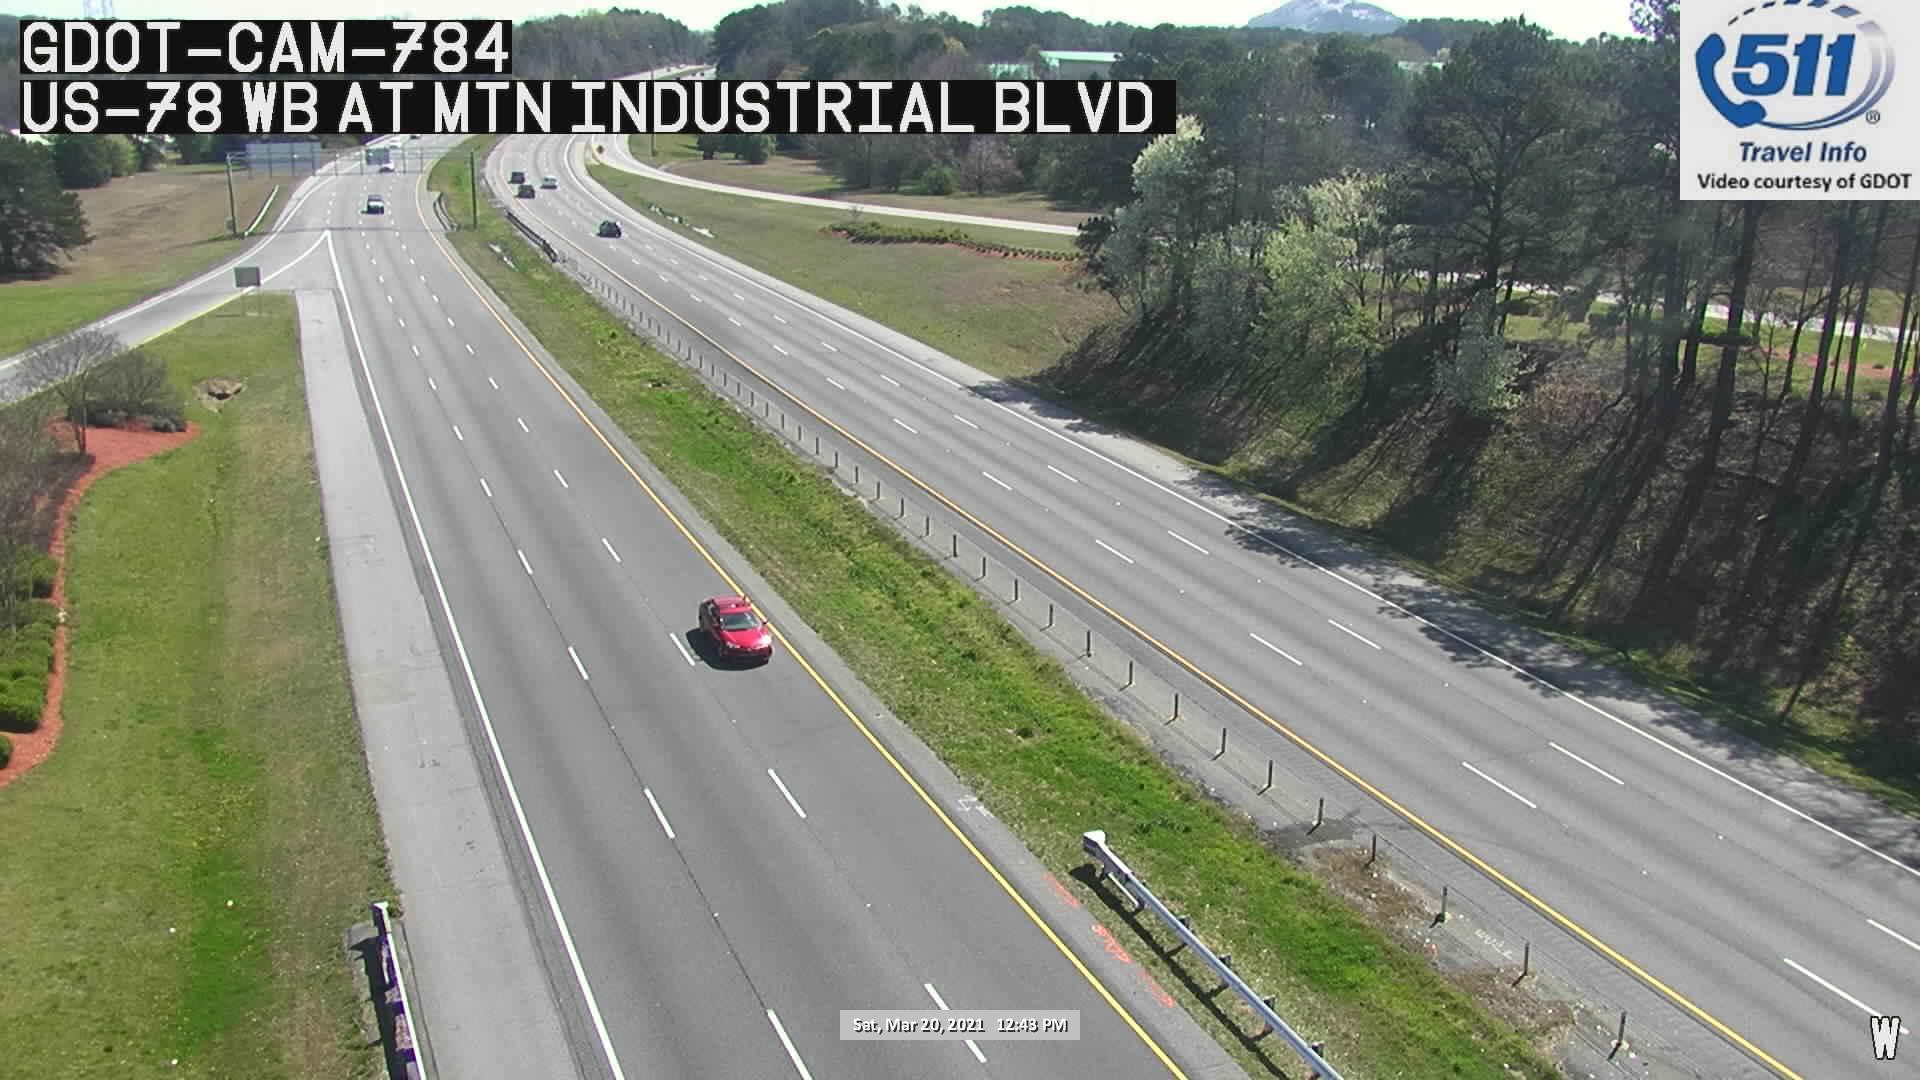 US 78 : MOUNTAIN INDUST BLVD (W) (5310) - Atlanta and Georgia